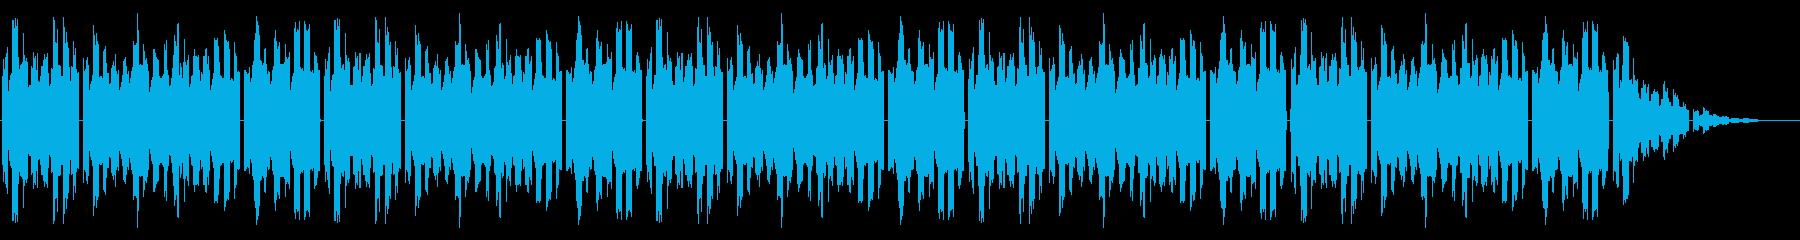 GB風スポーツ系格闘ゲームのED曲の再生済みの波形